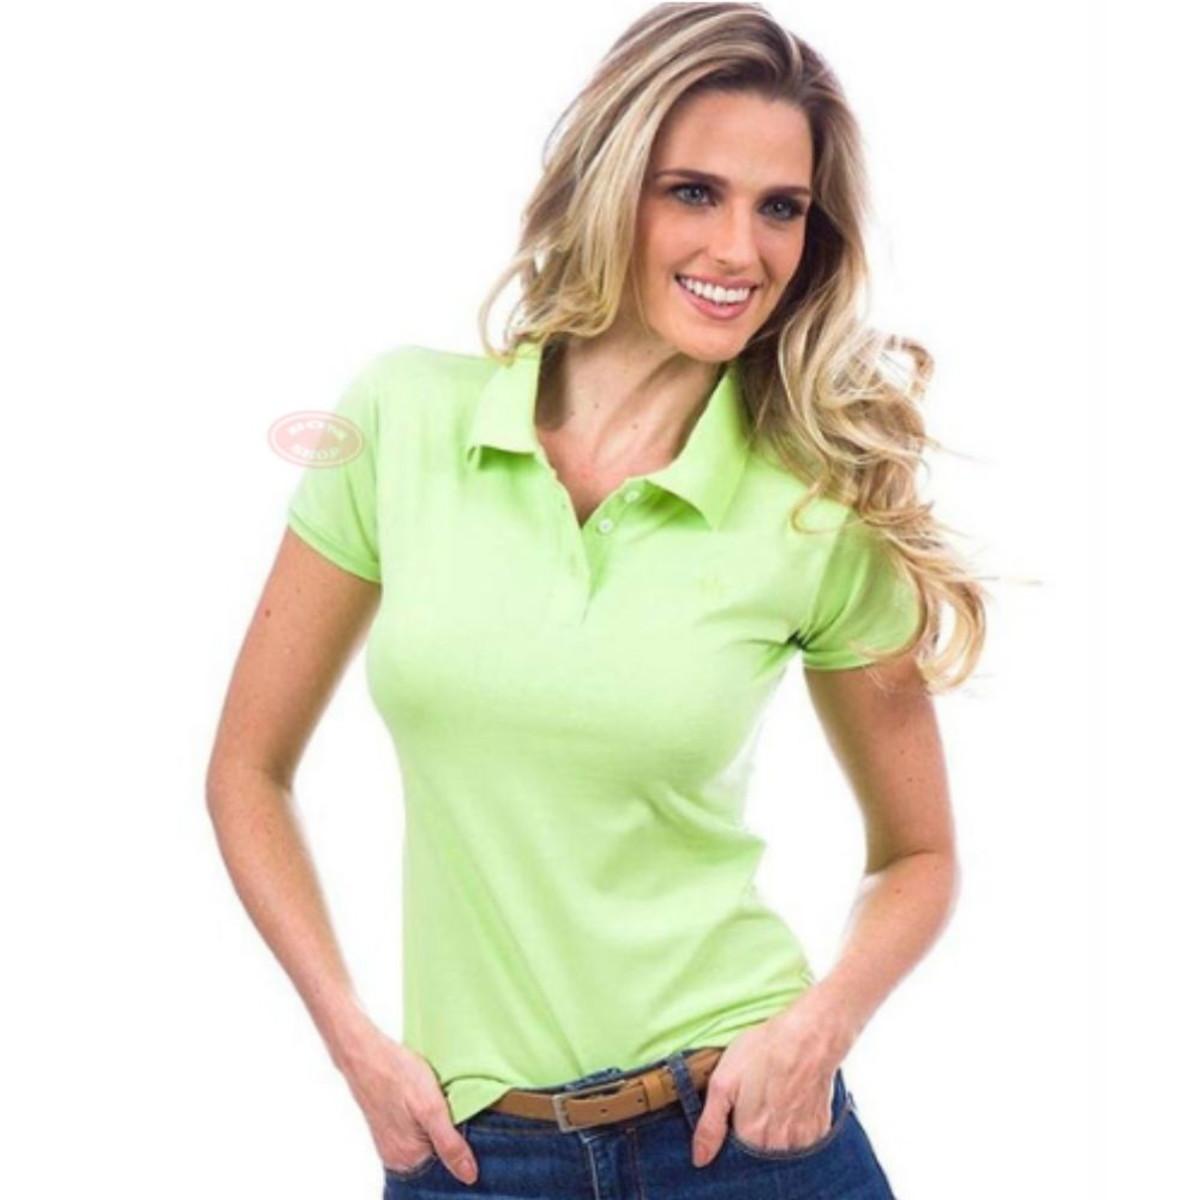 af365ecde8 10 Camisas Polo Feminina Atacado Escolha Cores e Tamanhos no Elo7 ...